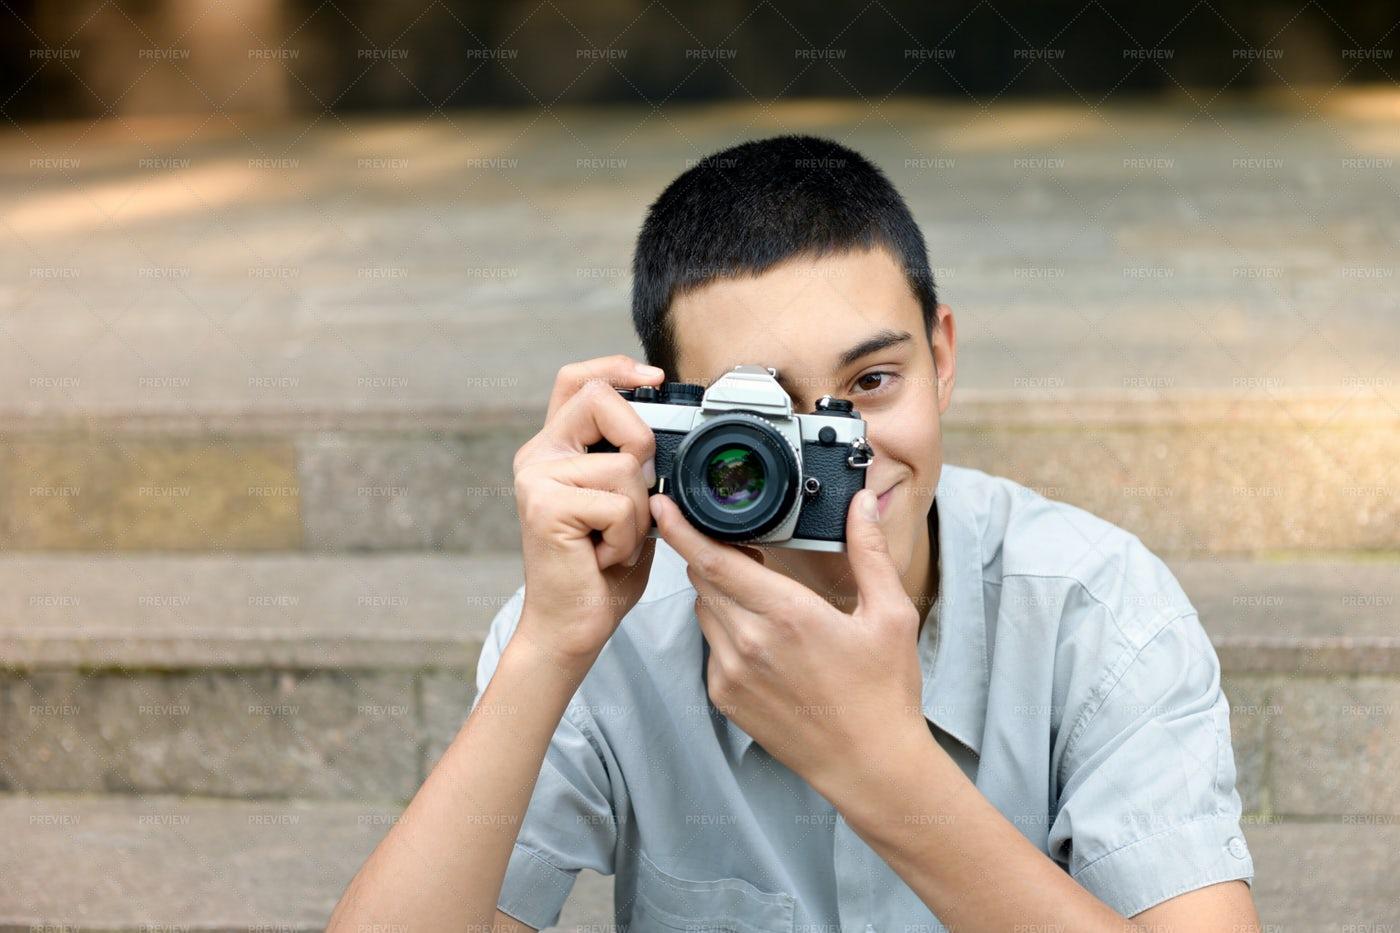 Teen Photographer: Stock Photos